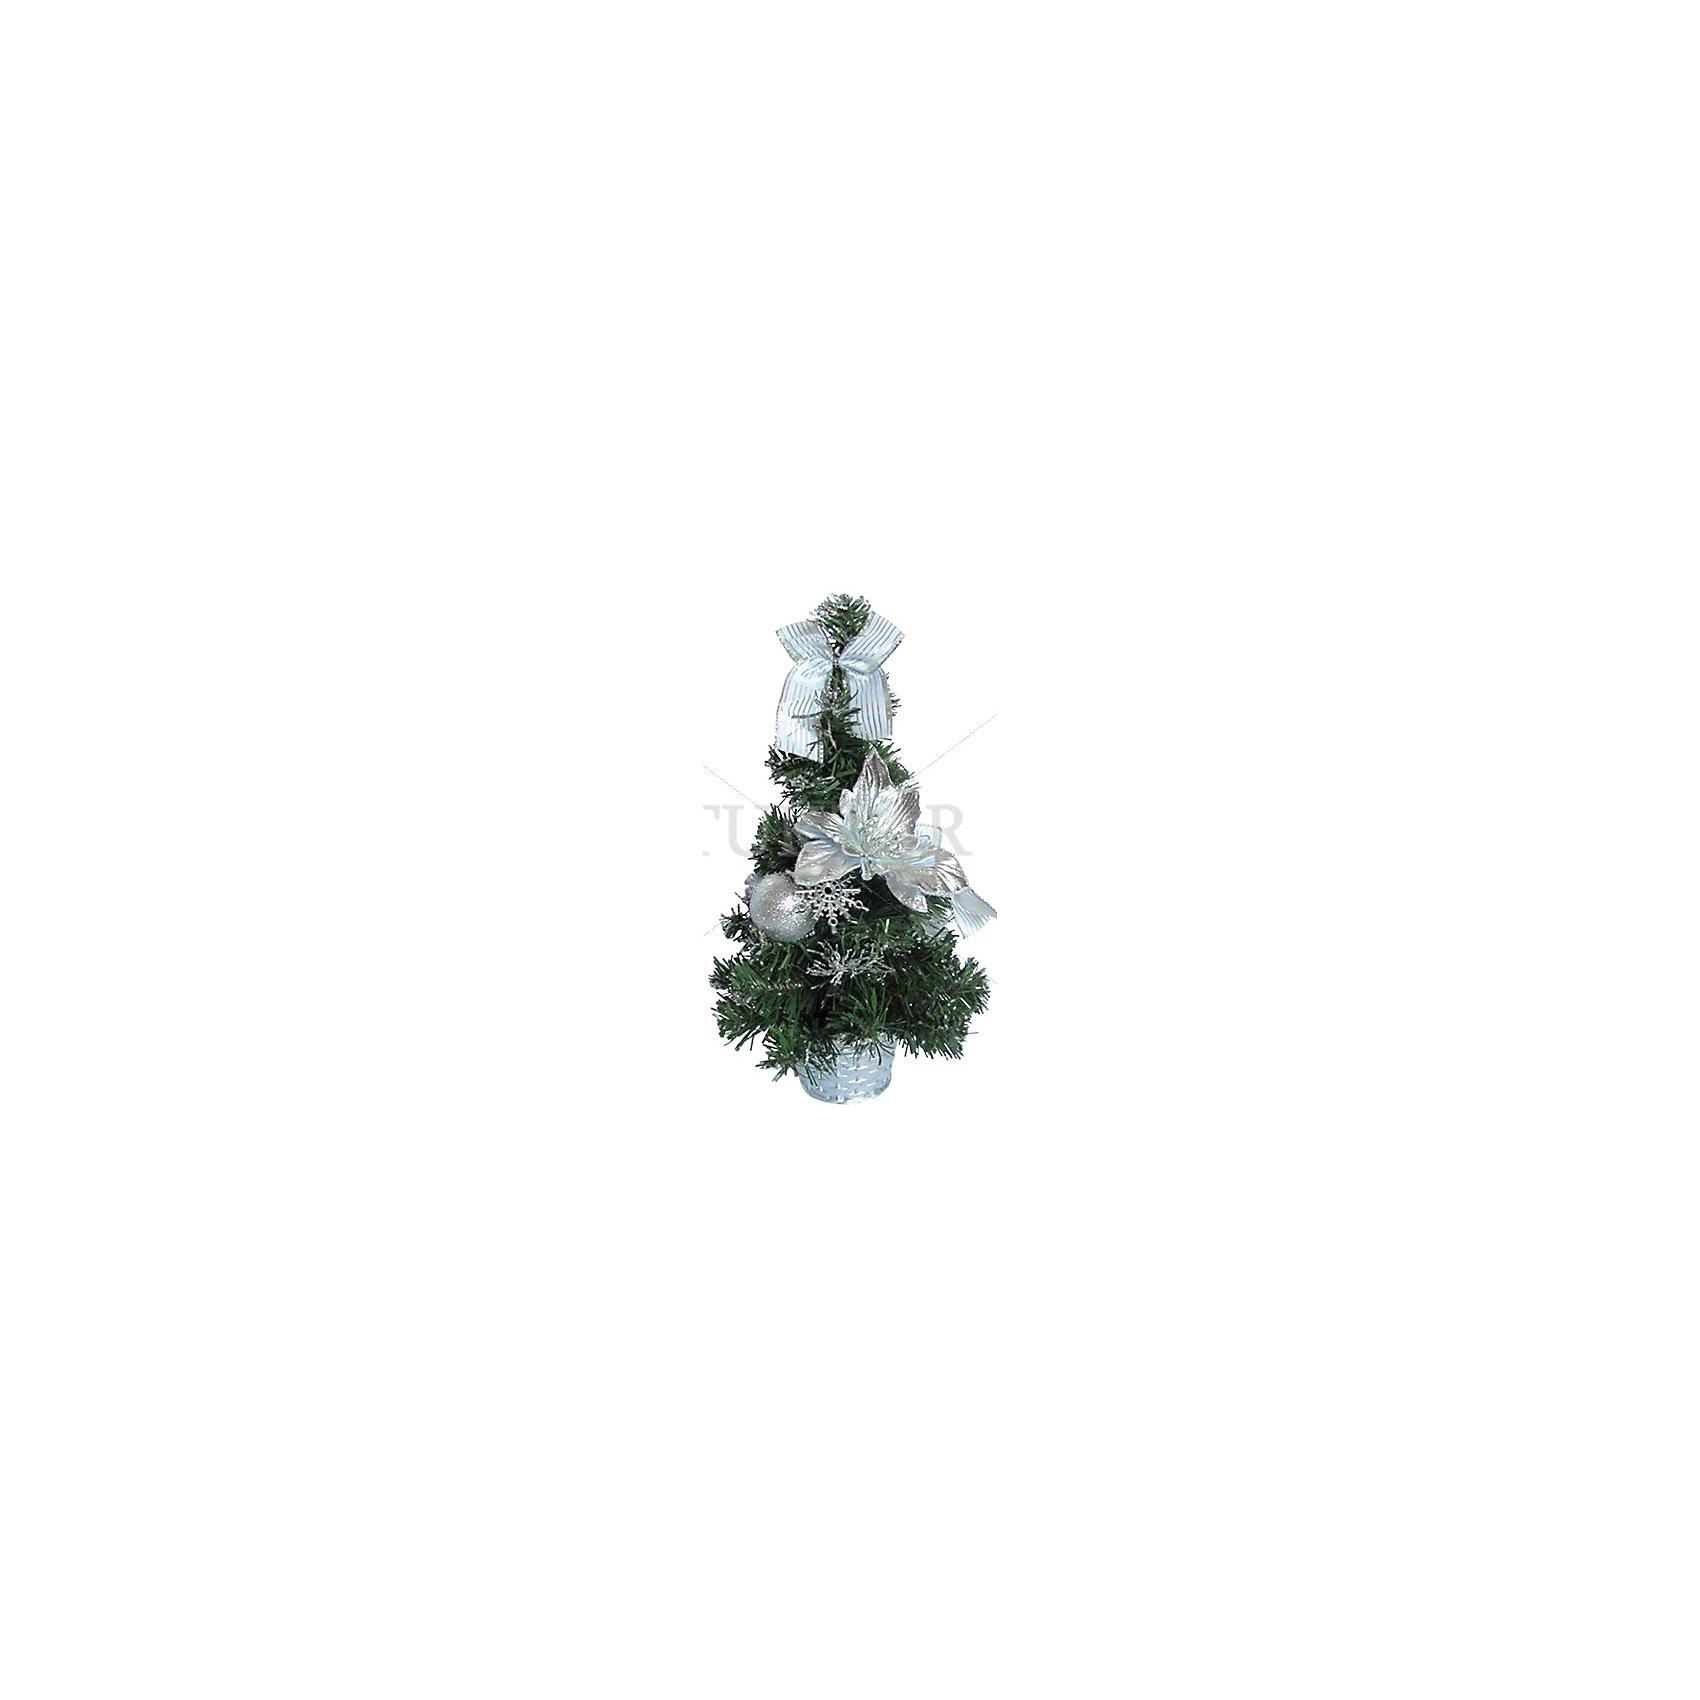 Декоративная елка с серебряными украшениями, 30 смВсё для праздника<br>Декоративная елка с серебряными украшениями, 30 см - этот новогодний аксессуар создаст праздничное настроение.<br>Декоративная елка станет замечательным украшением Вашего интерьера и приятным сувениром для родных и друзей. Нарядная, миниатюрная елочка порадует и взрослых и детей и создаст волшебную атмосферу новогодних праздников. Ёлка украшена красивыми серебристыми игрушками и бантами, имеет подставку в виде горшочка. Благодаря компактному размеру ёлку можно поставить в любой комнате.<br><br>Дополнительная информация:<br><br>- Высота: 30 см.<br>- Размер упаковки: 30х20х20 см.<br>- Вес: 500 гр.<br><br>Декоративную елку с серебряными украшениями, 30 см можно купить в нашем интернет-магазине.<br><br>Ширина мм: 300<br>Глубина мм: 200<br>Высота мм: 200<br>Вес г: 500<br>Возраст от месяцев: 36<br>Возраст до месяцев: 2147483647<br>Пол: Унисекс<br>Возраст: Детский<br>SKU: 4437440